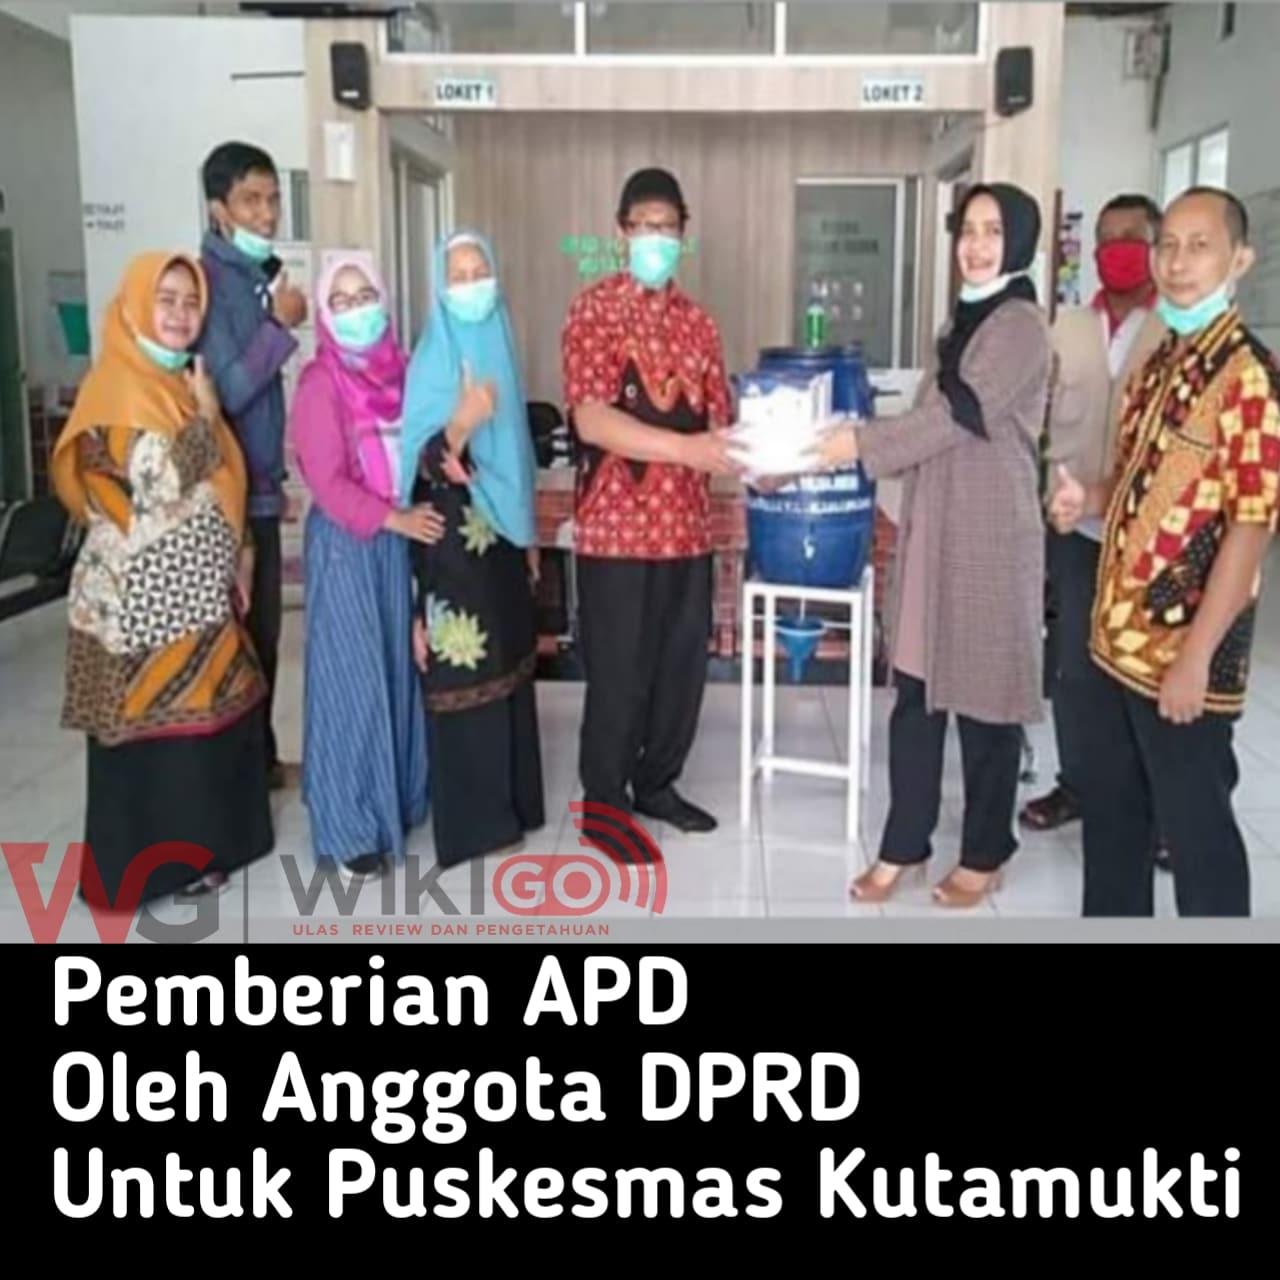 Peduli Tenaga Medis, Anggota DPRD Karawang Berikan APD Untuk Puskesmas Kutamukti